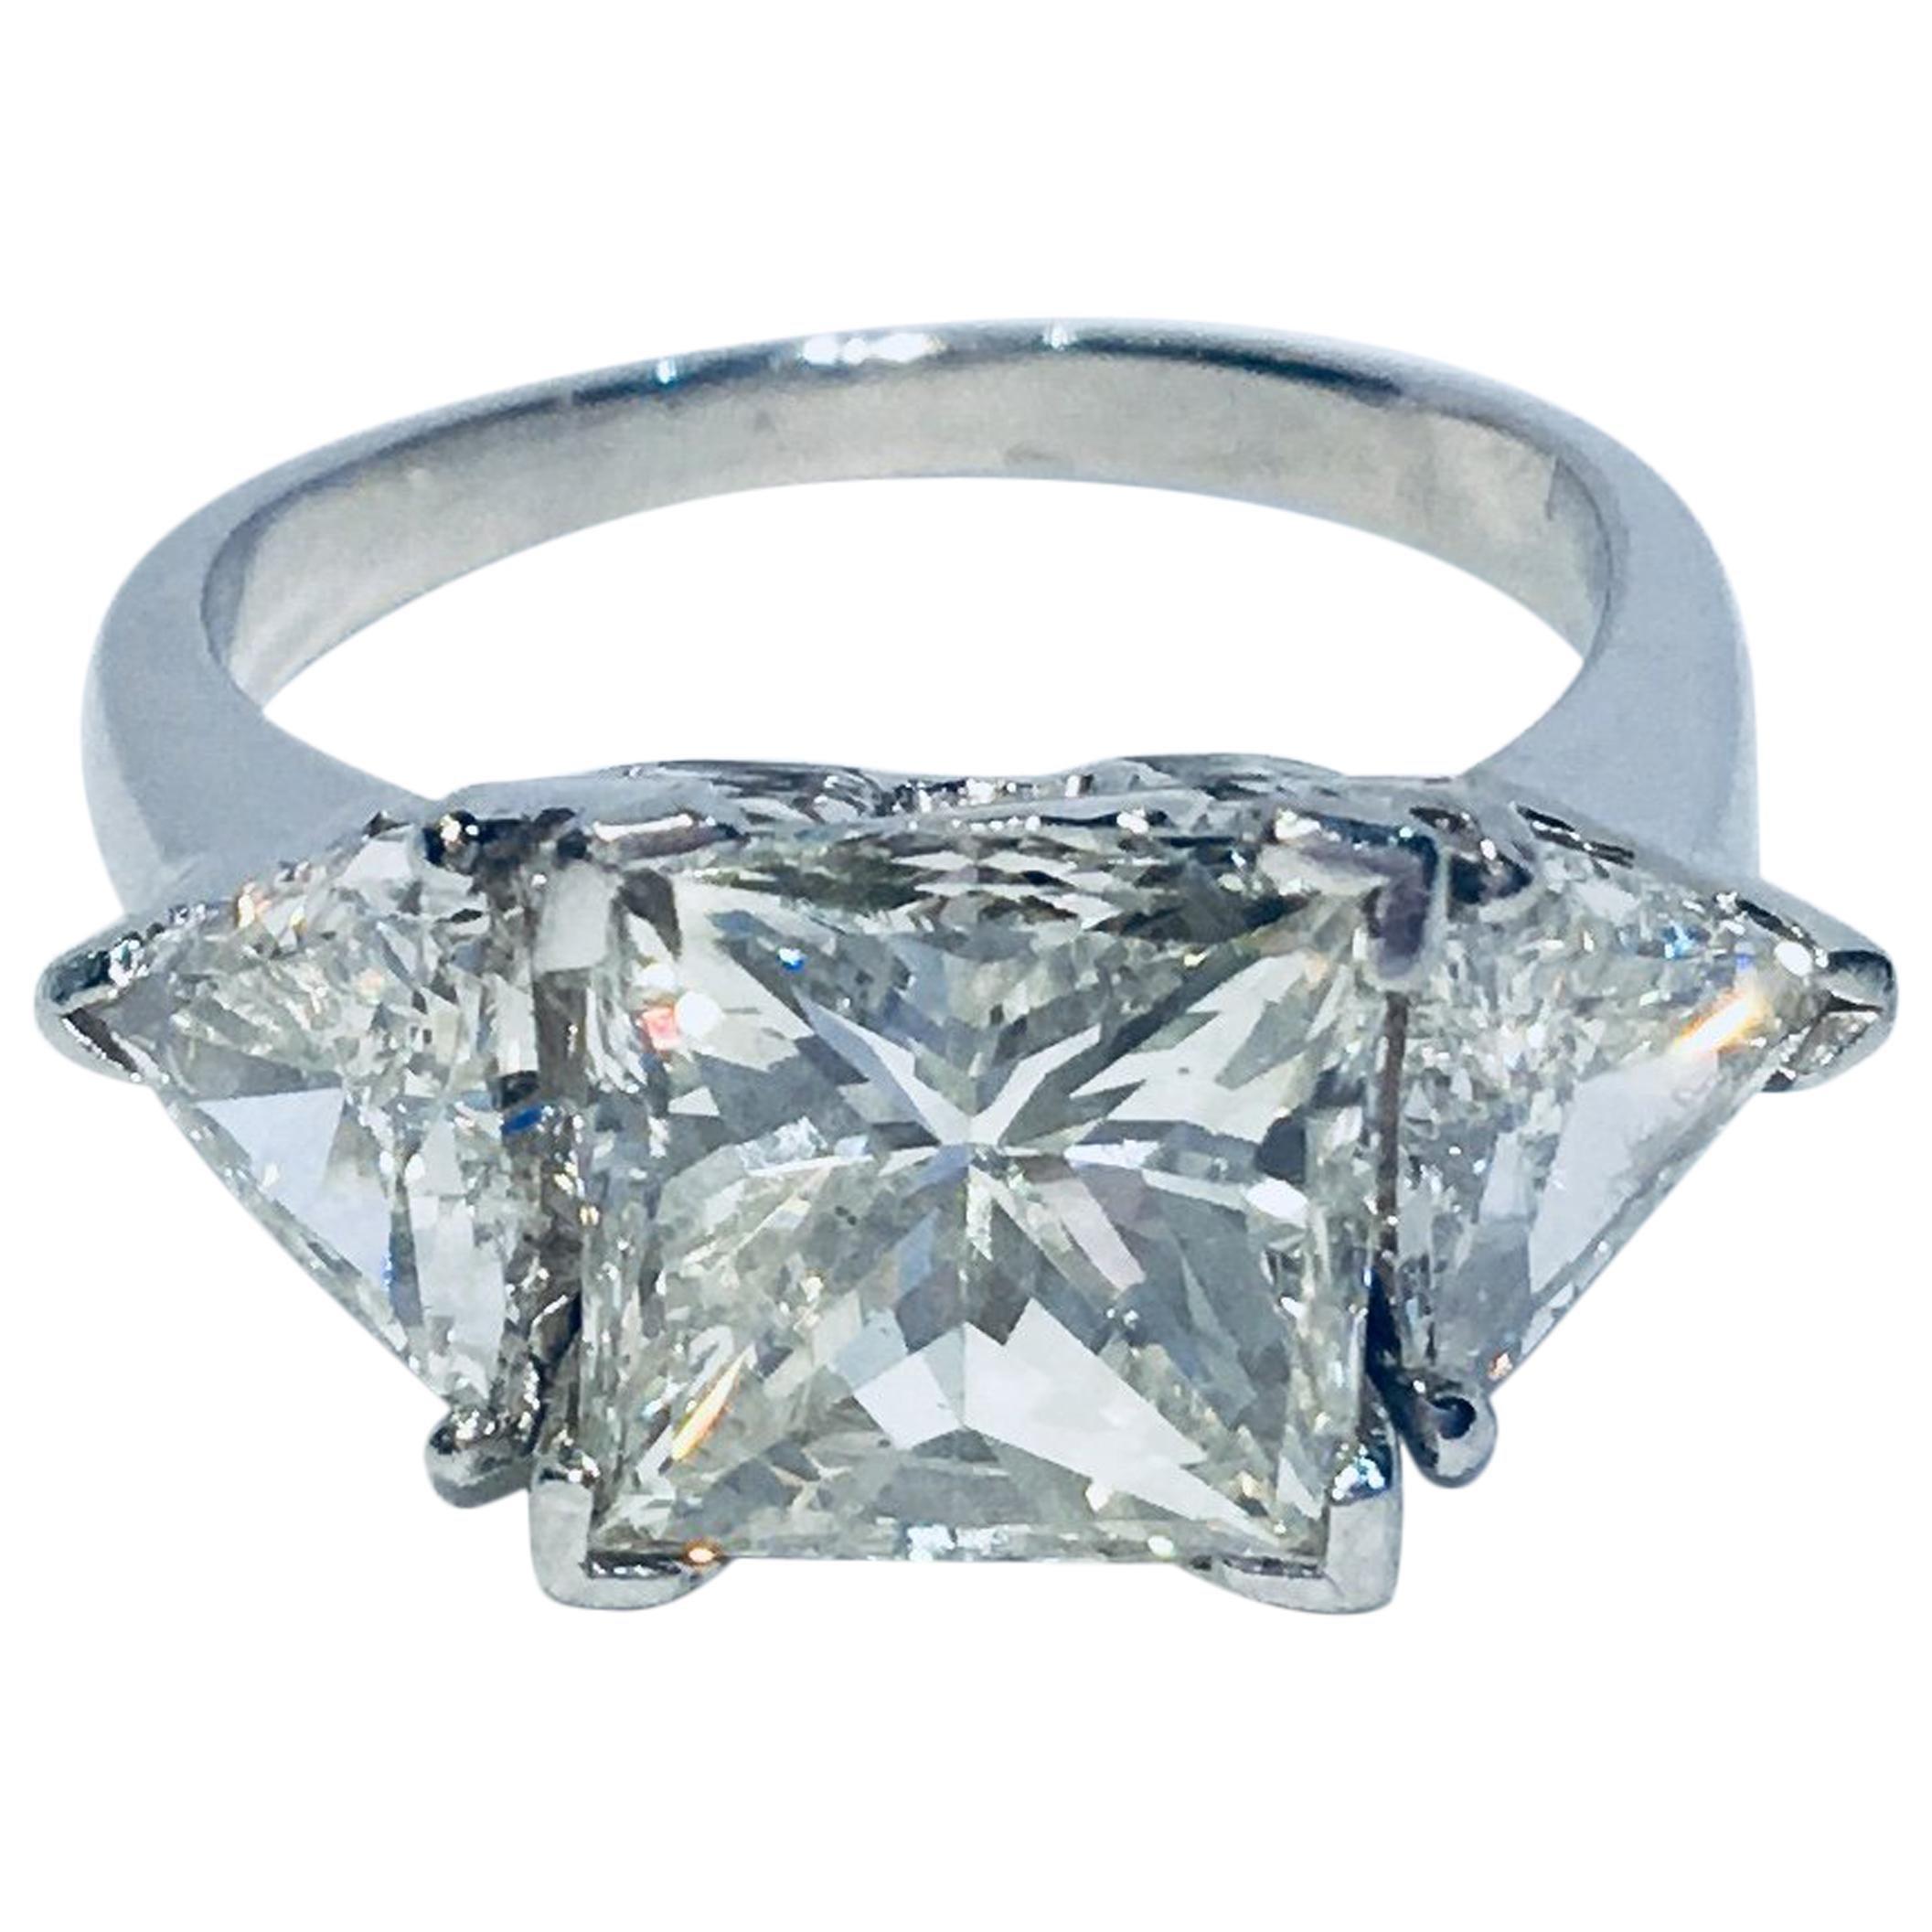 GIA Certified VS2 4.13 Carat Princess Diamond Ring With 2 Carat Diamond Sides